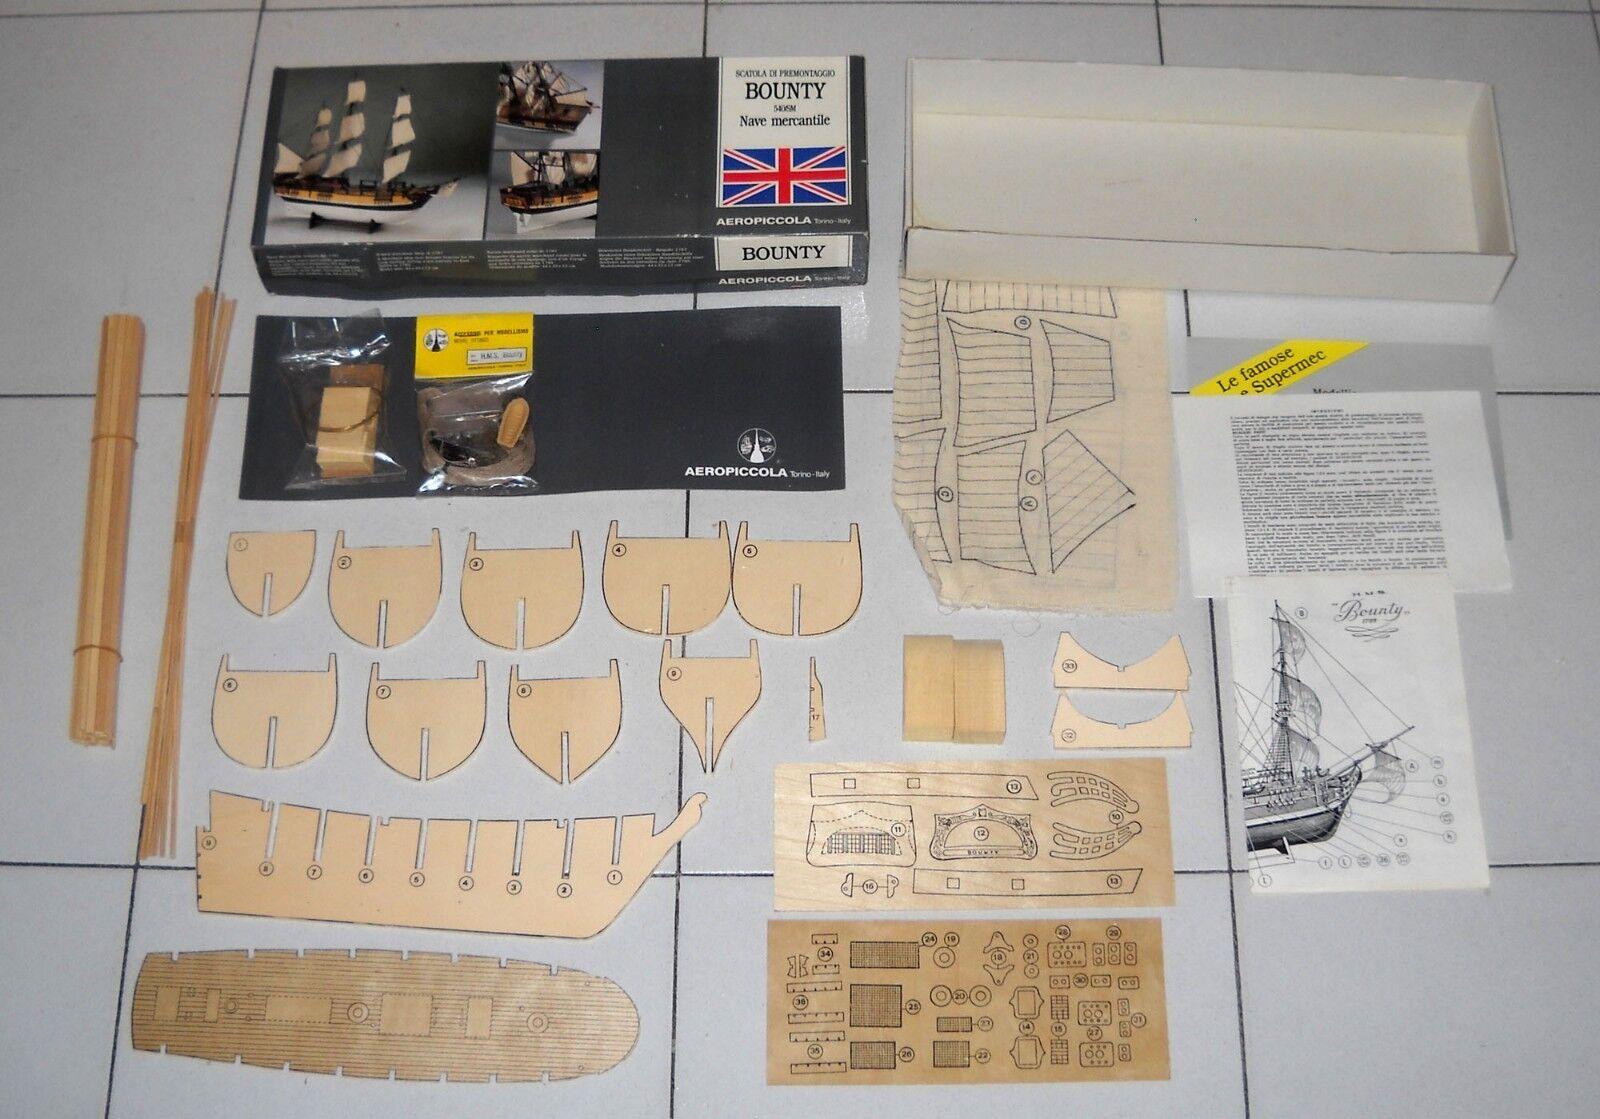 La paix est une bénédiction Model Kit BOUNTY Nave mercantile 1787 premontaggio AEROPICCOLA 540/SM HMS   Matériaux Soigneusement Sélectionnés